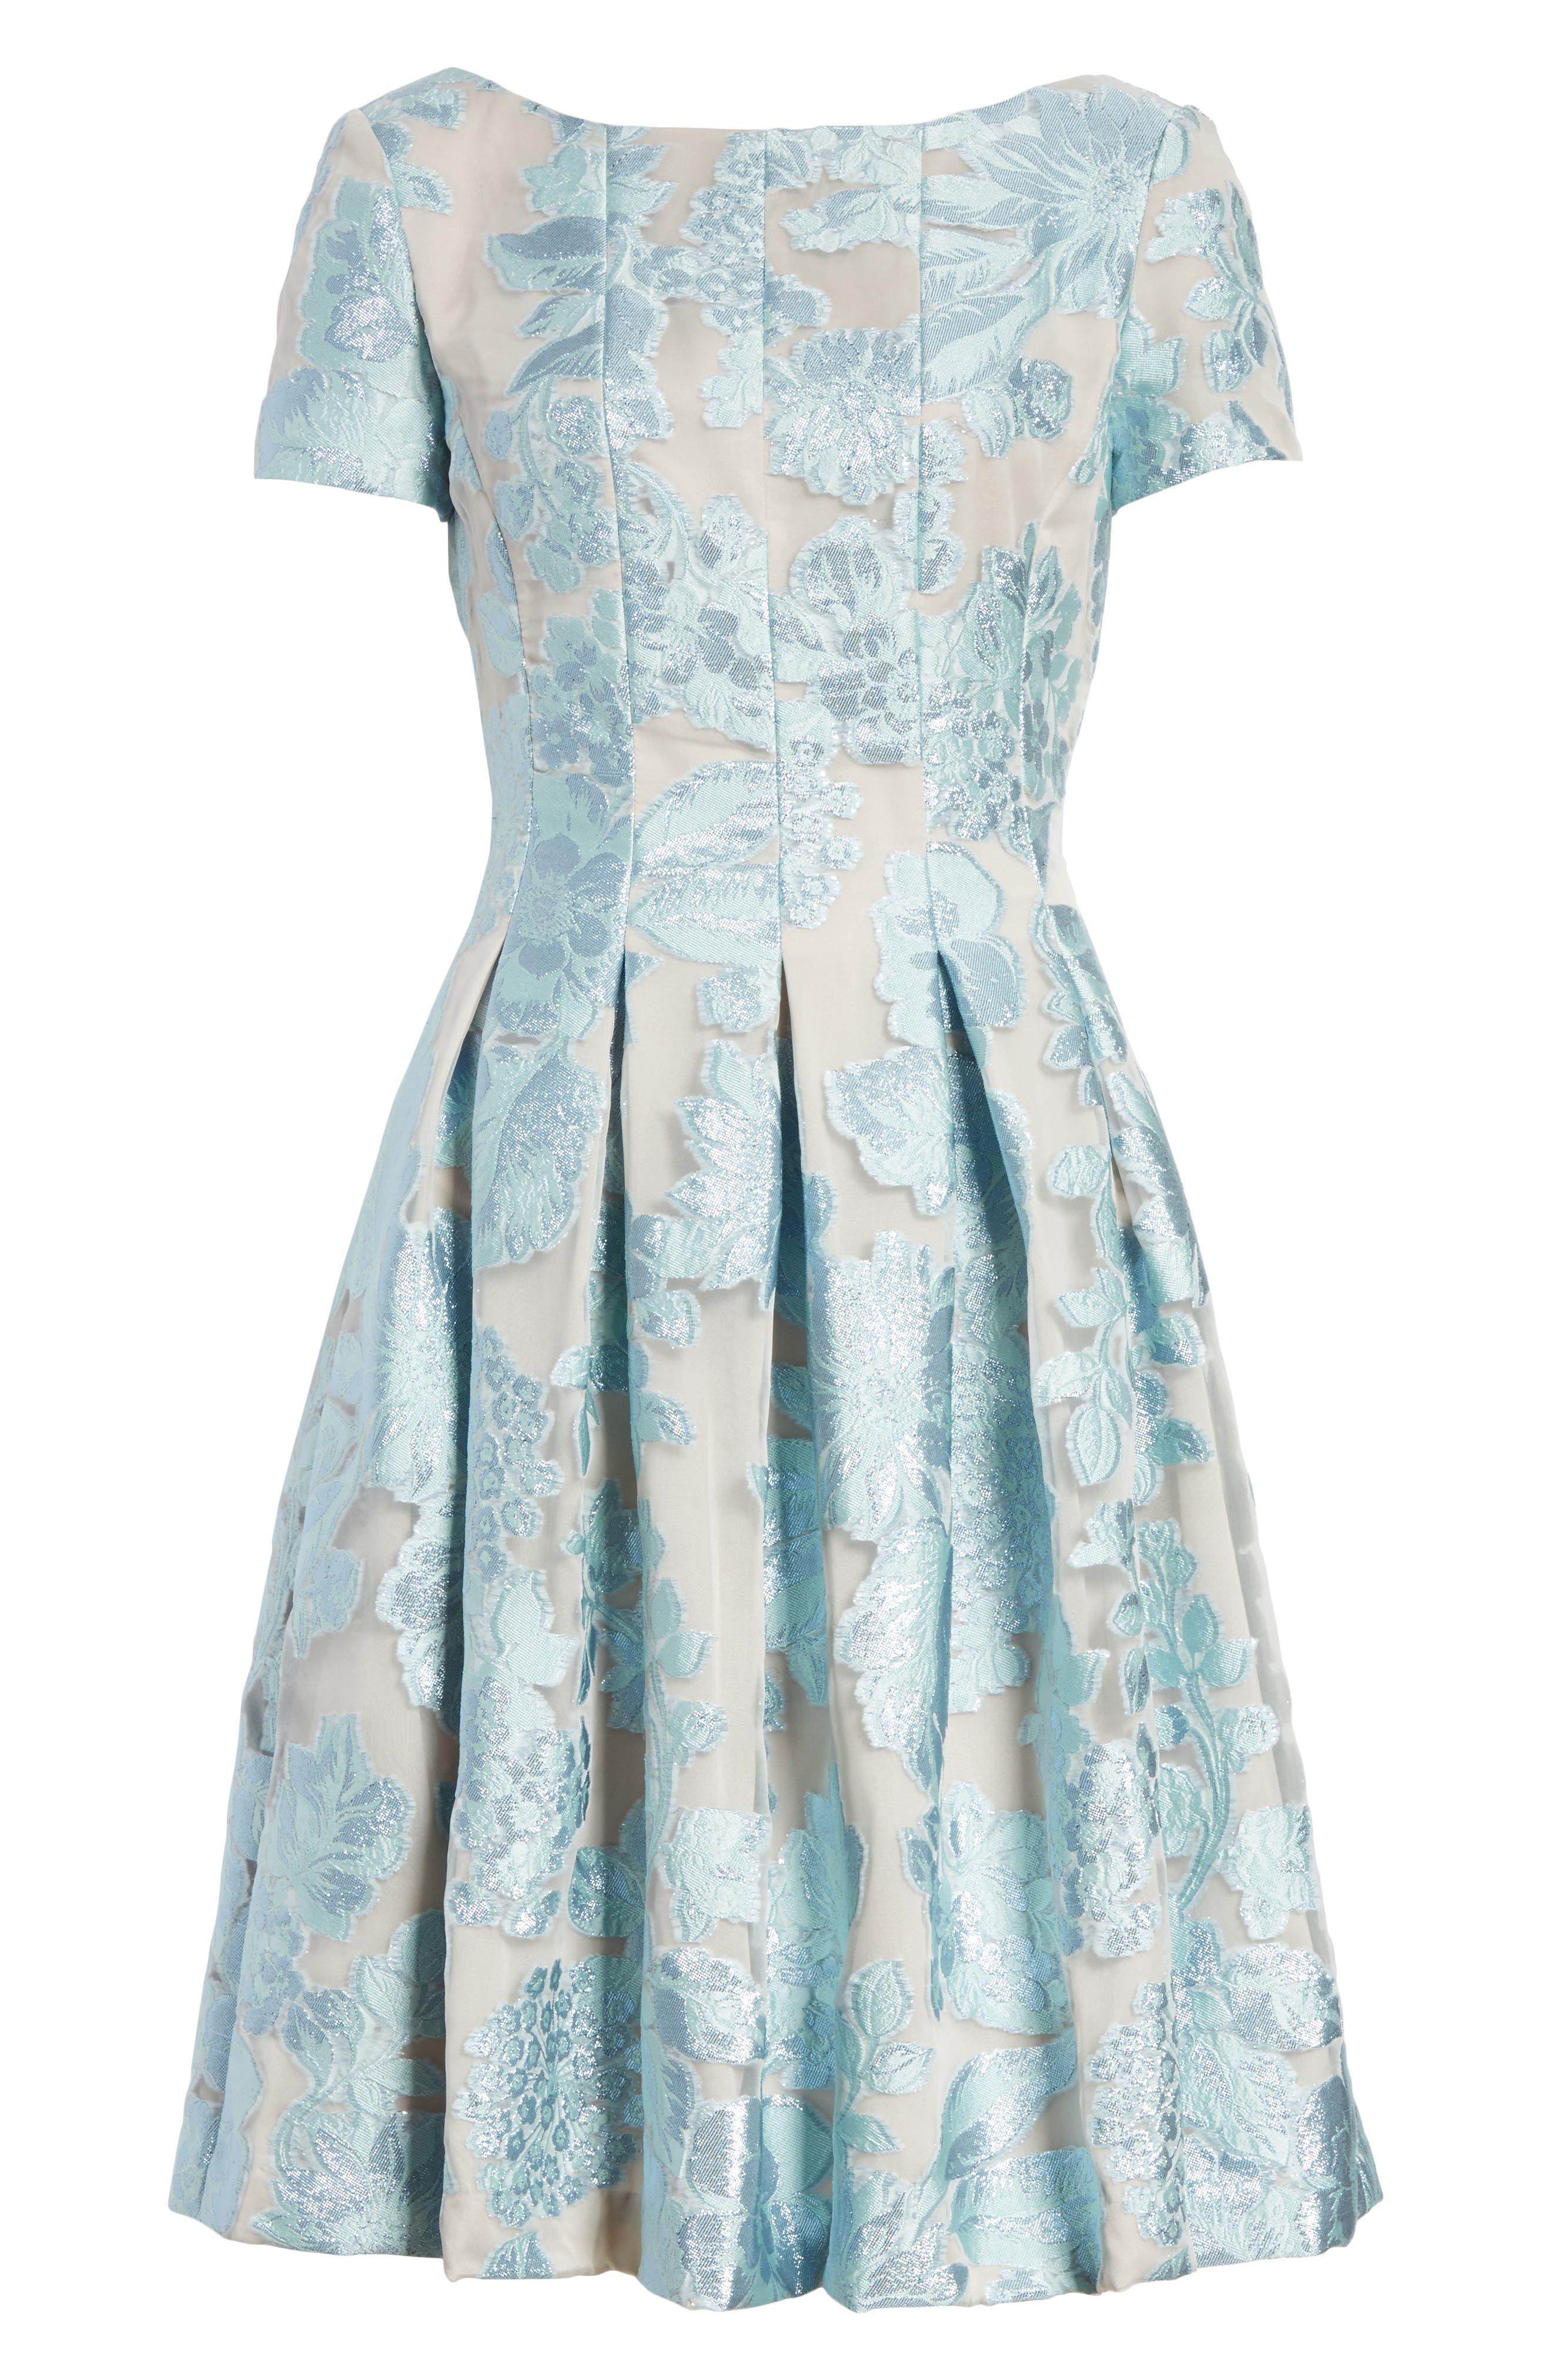 Floral Fil Coupé Organza Dress,                             Alternate thumbnail 7, color,                             Mint/ Silver